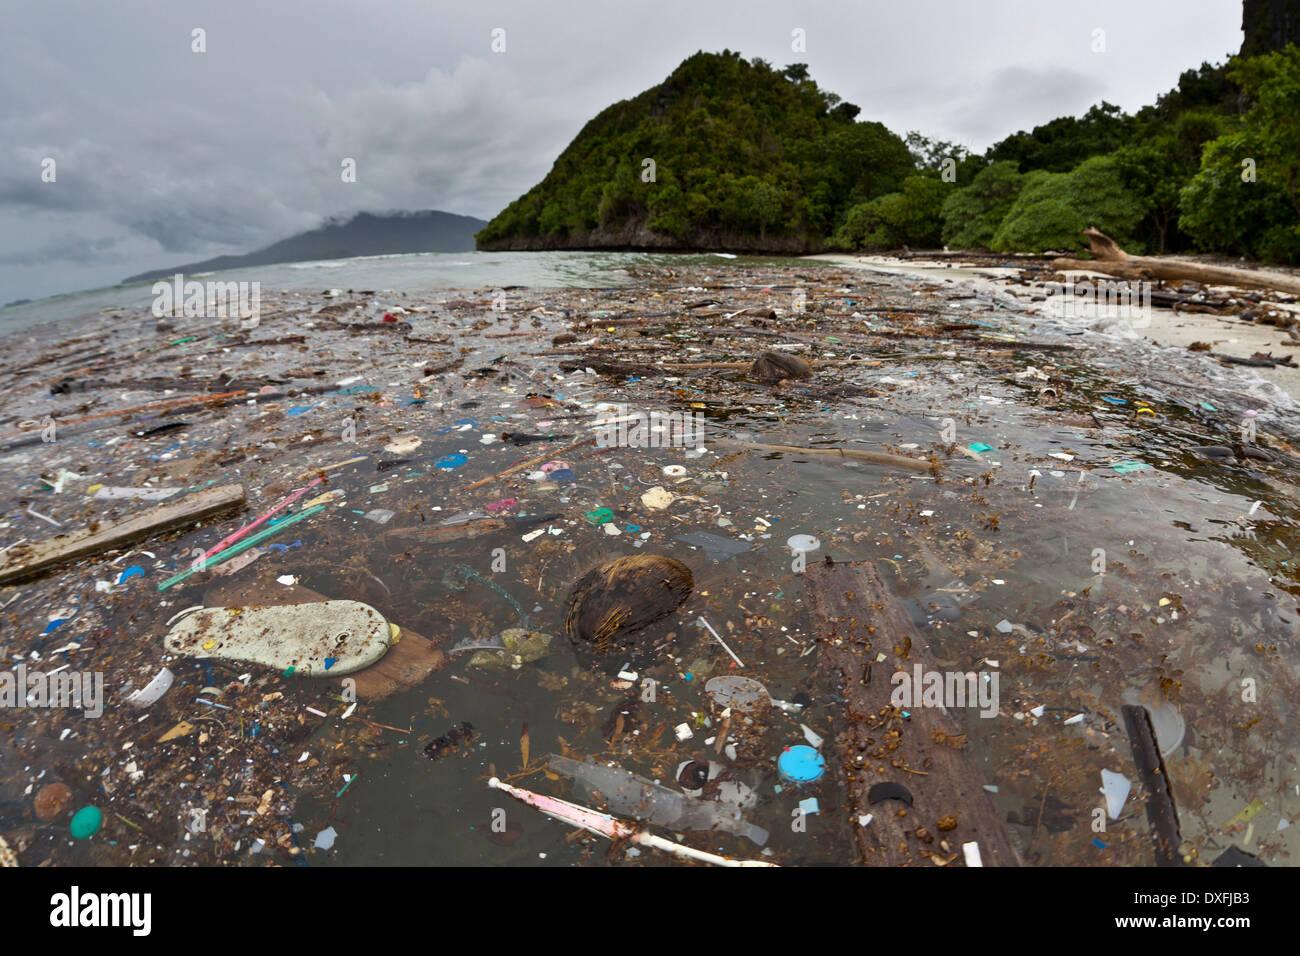 Plastic Waste washes ashore, Raja Ampat, West Papua, Indonesia - Stock Image